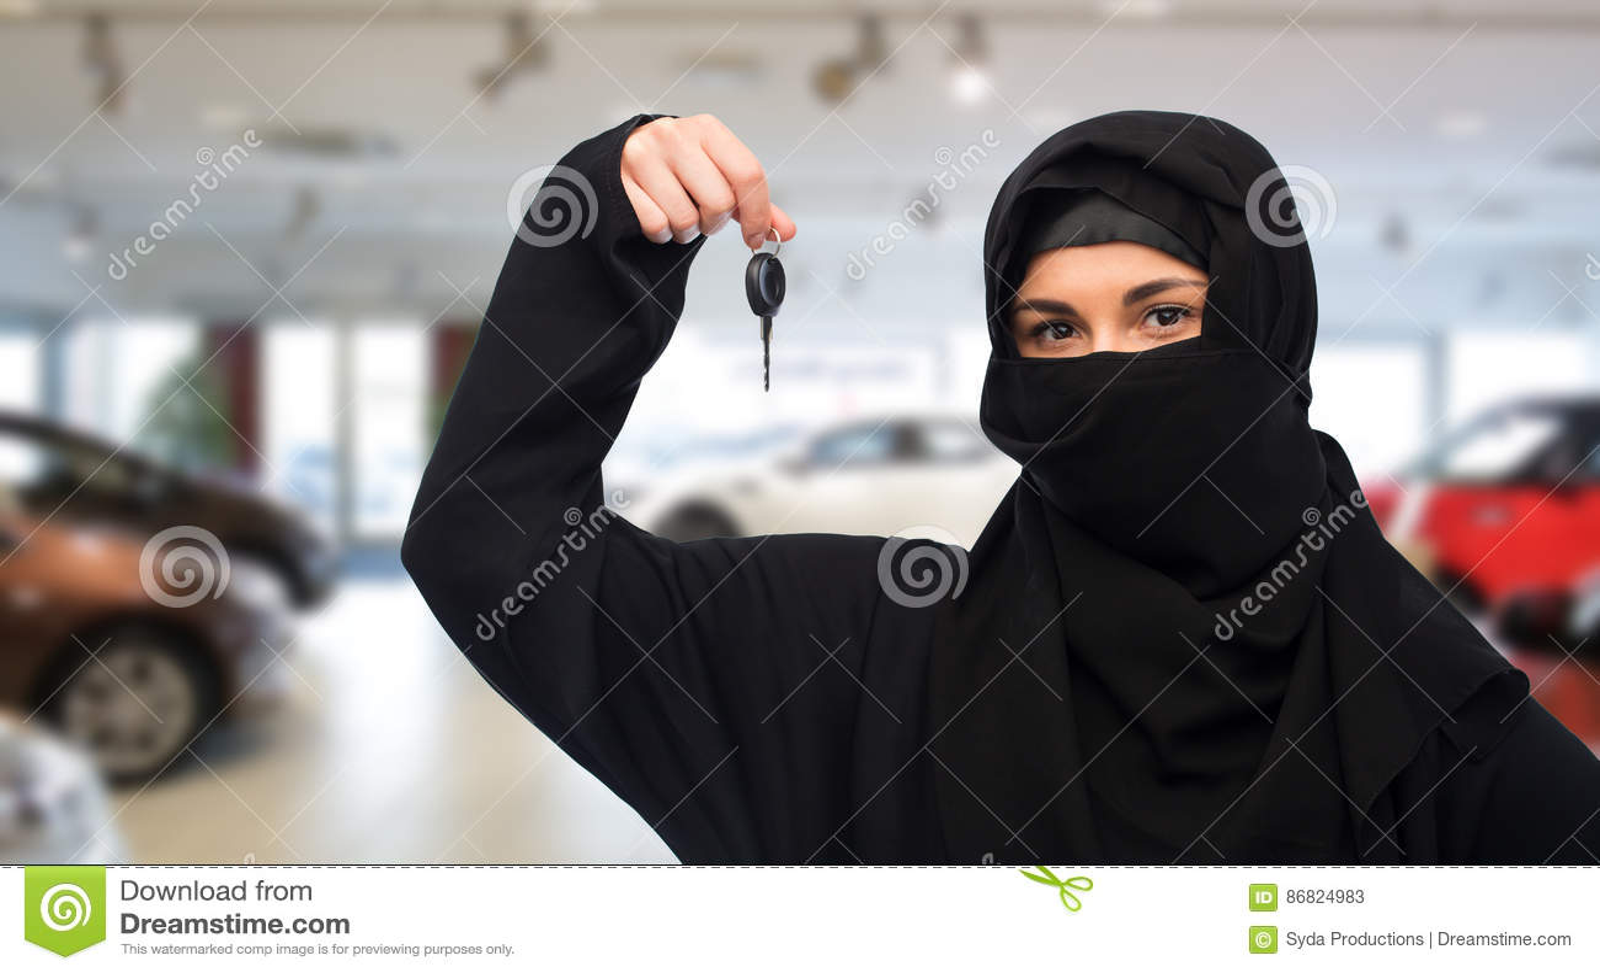 Femme musulmane dans le hijab avec la clé de voiture au-dessus du salon automobile